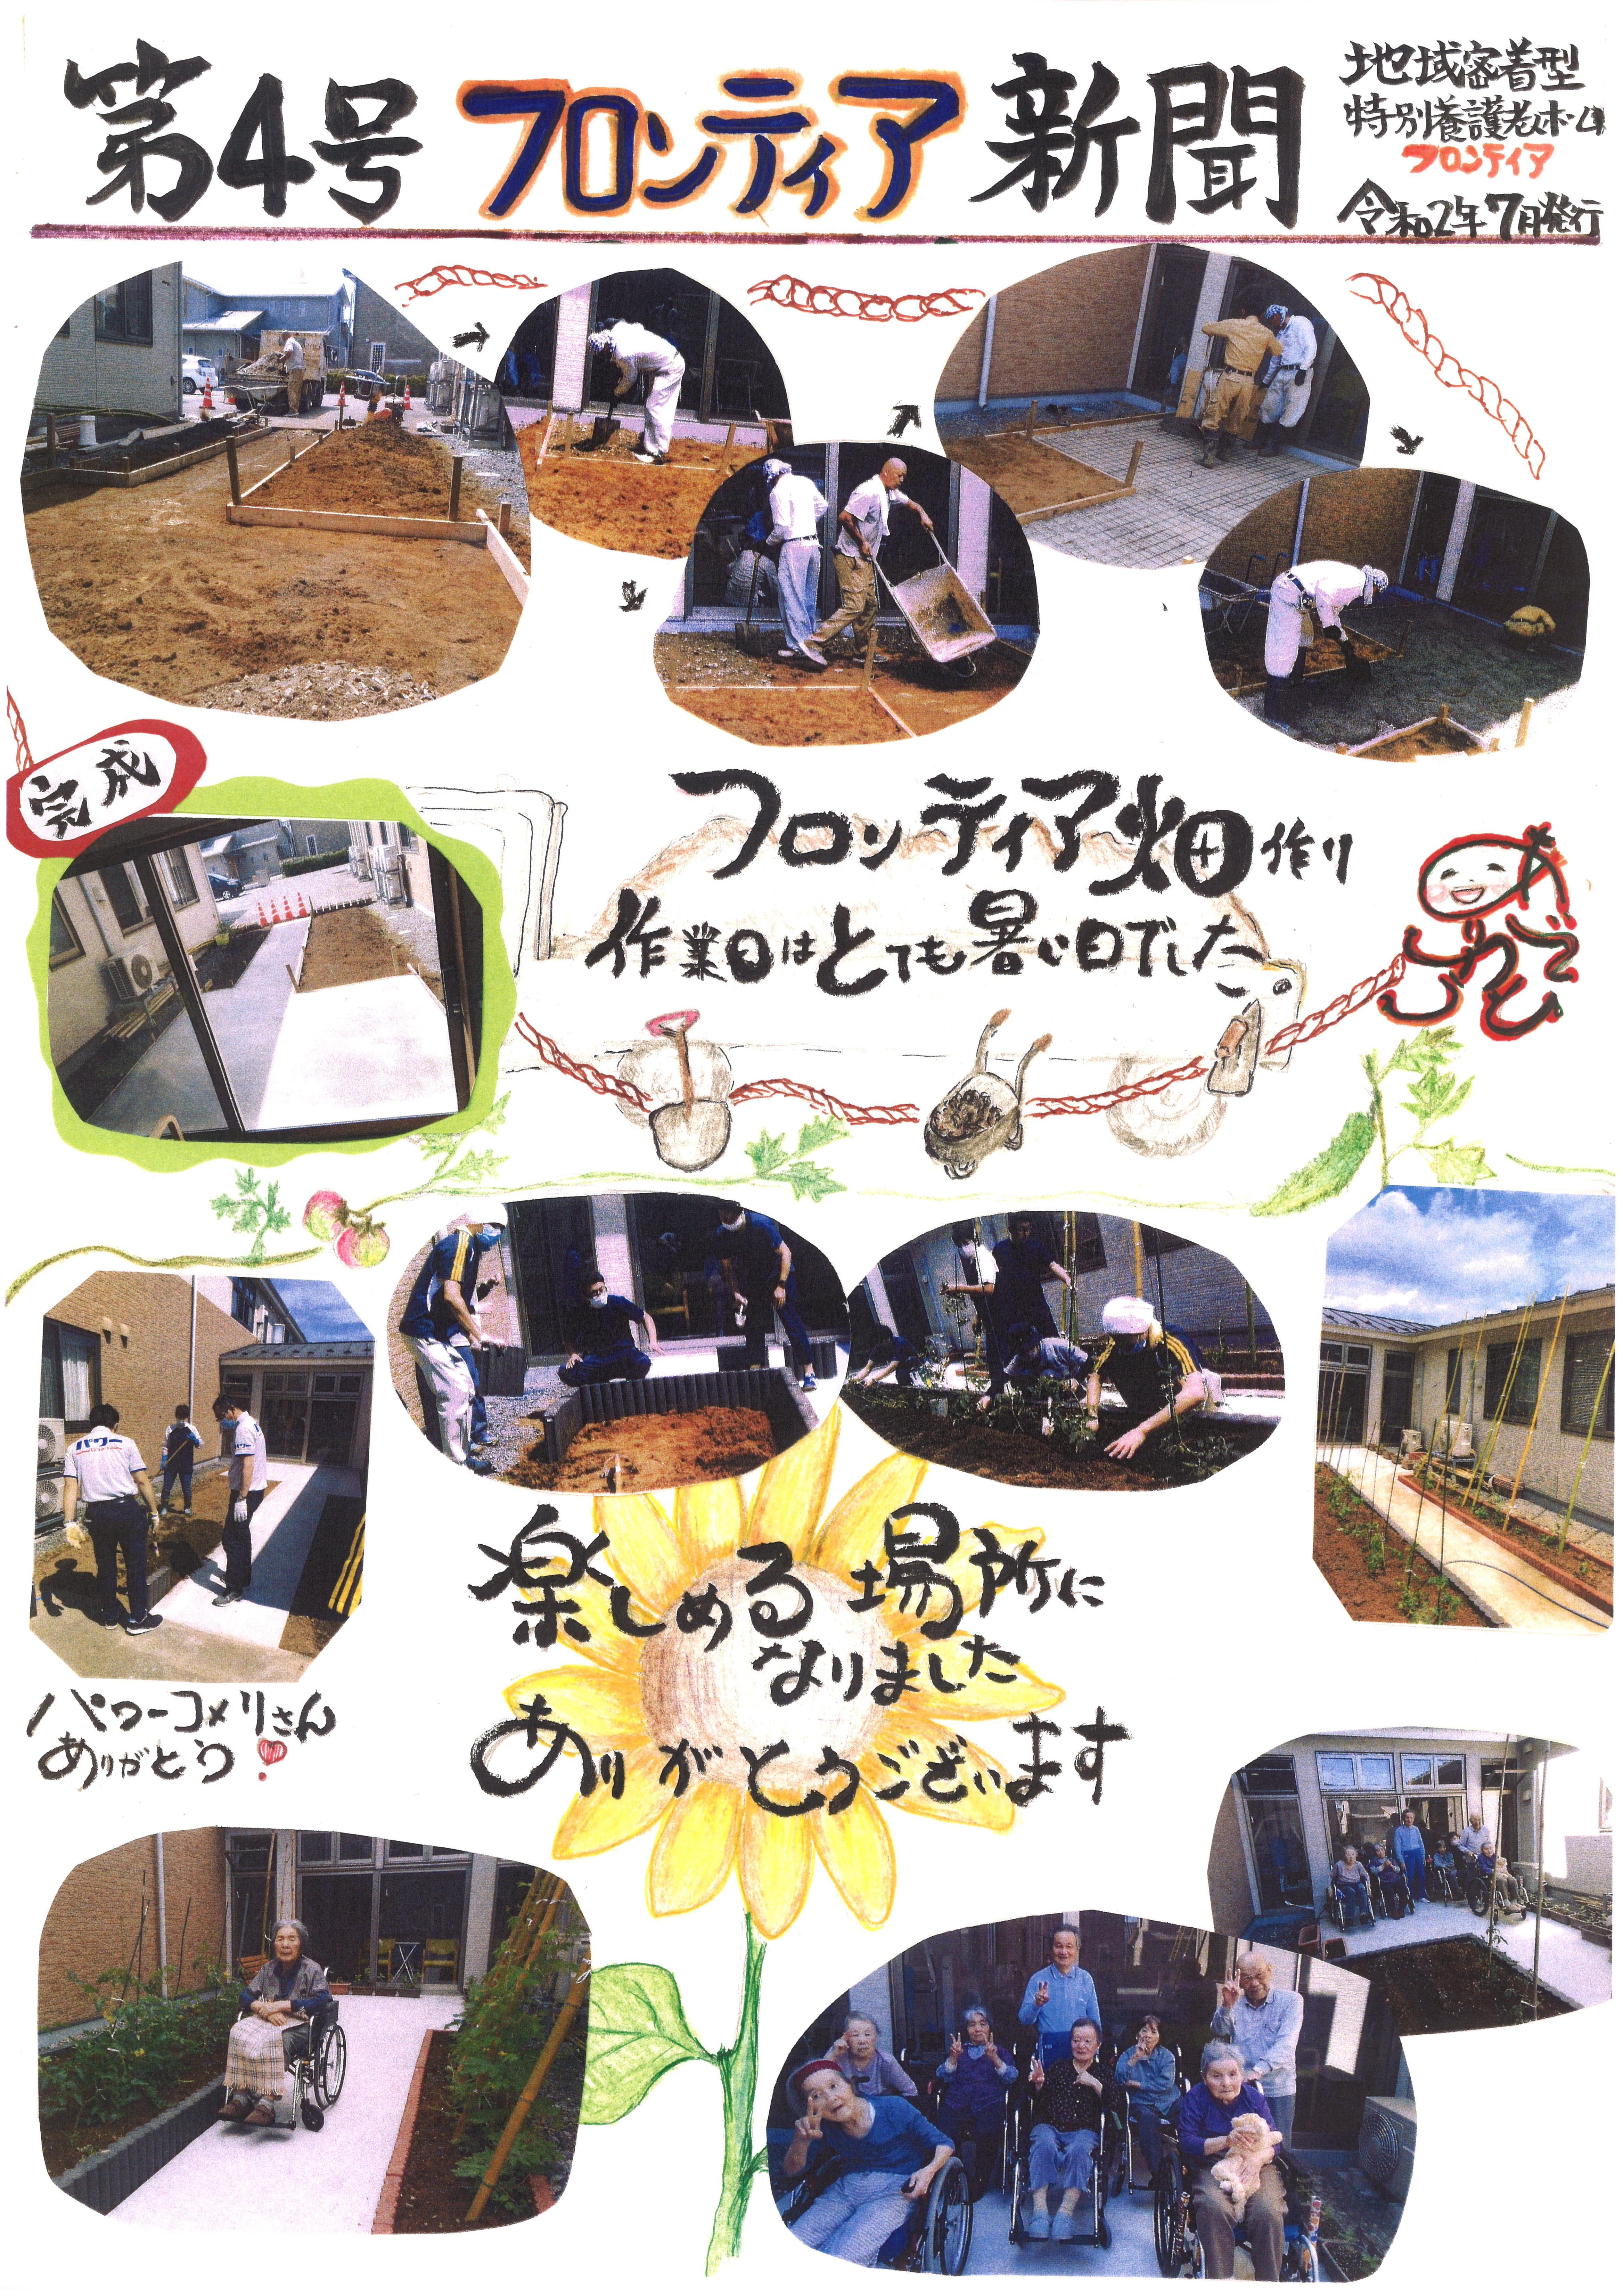 令和2年7月発行 第4号フロンティア新聞 ~中庭菜園完成までの道のり!~